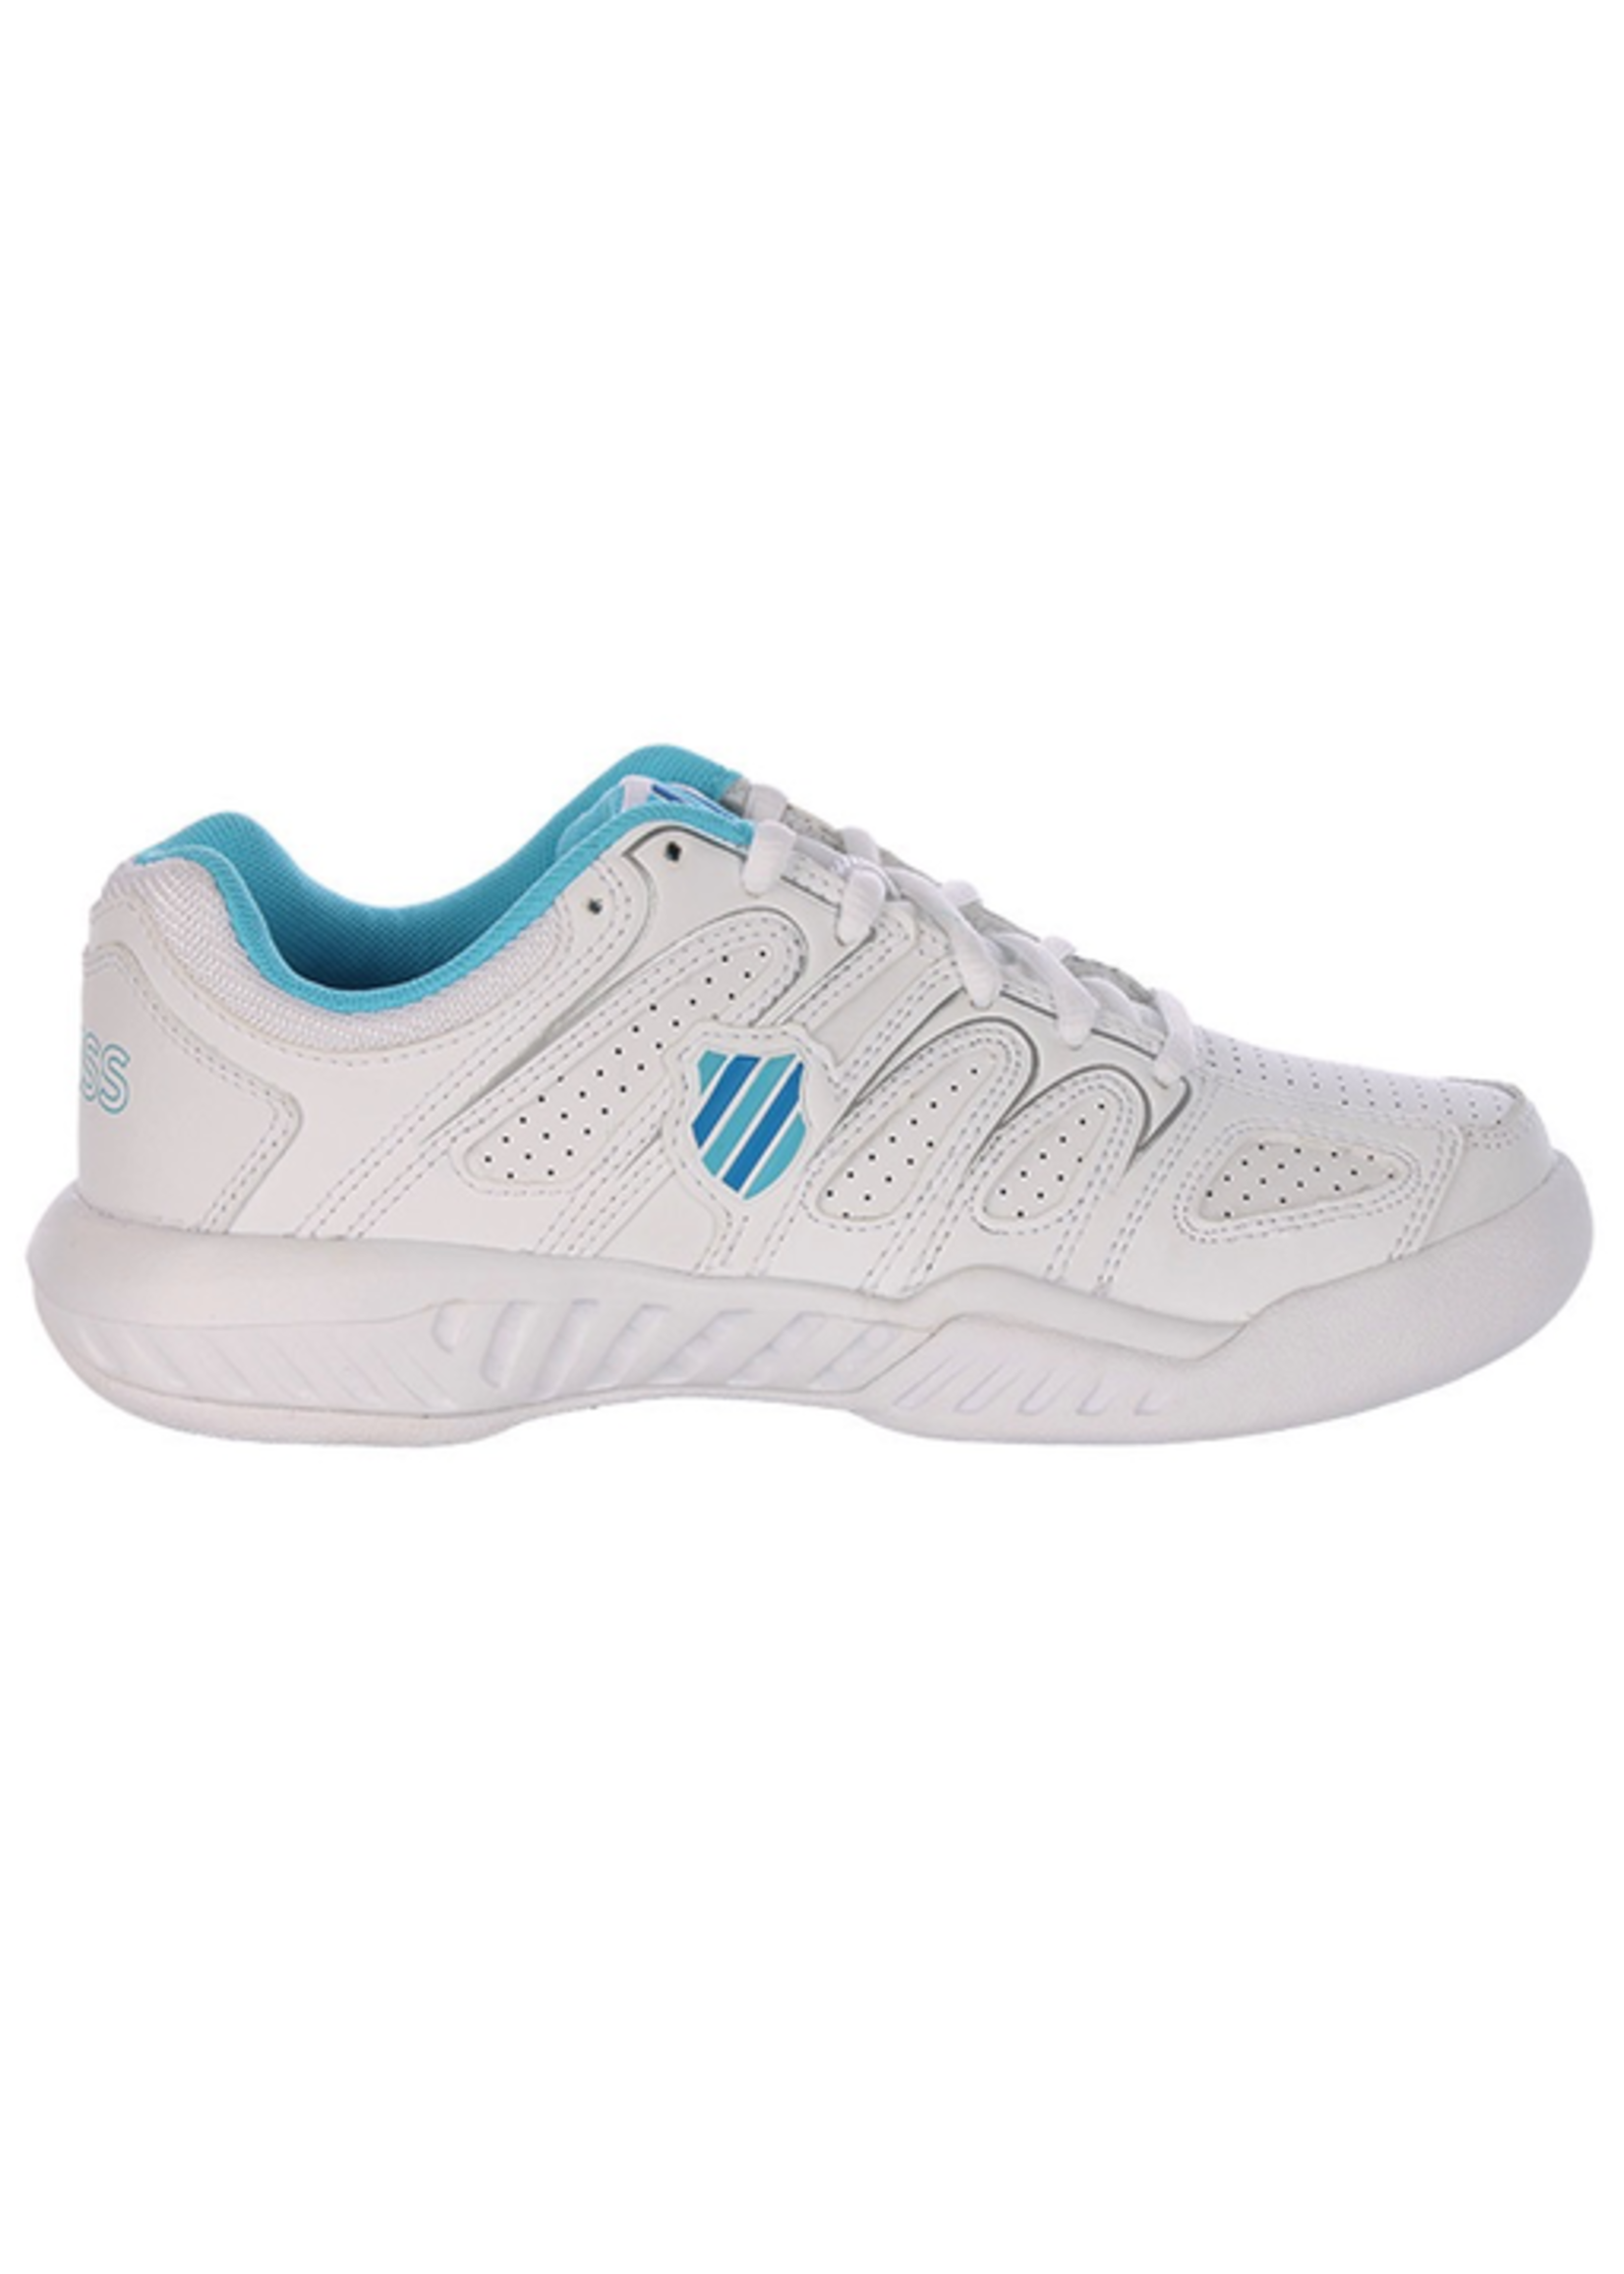 K Swiss K-swiss Calabasas Omni Ladies Tennis Shoe White / Light Blue 6.5